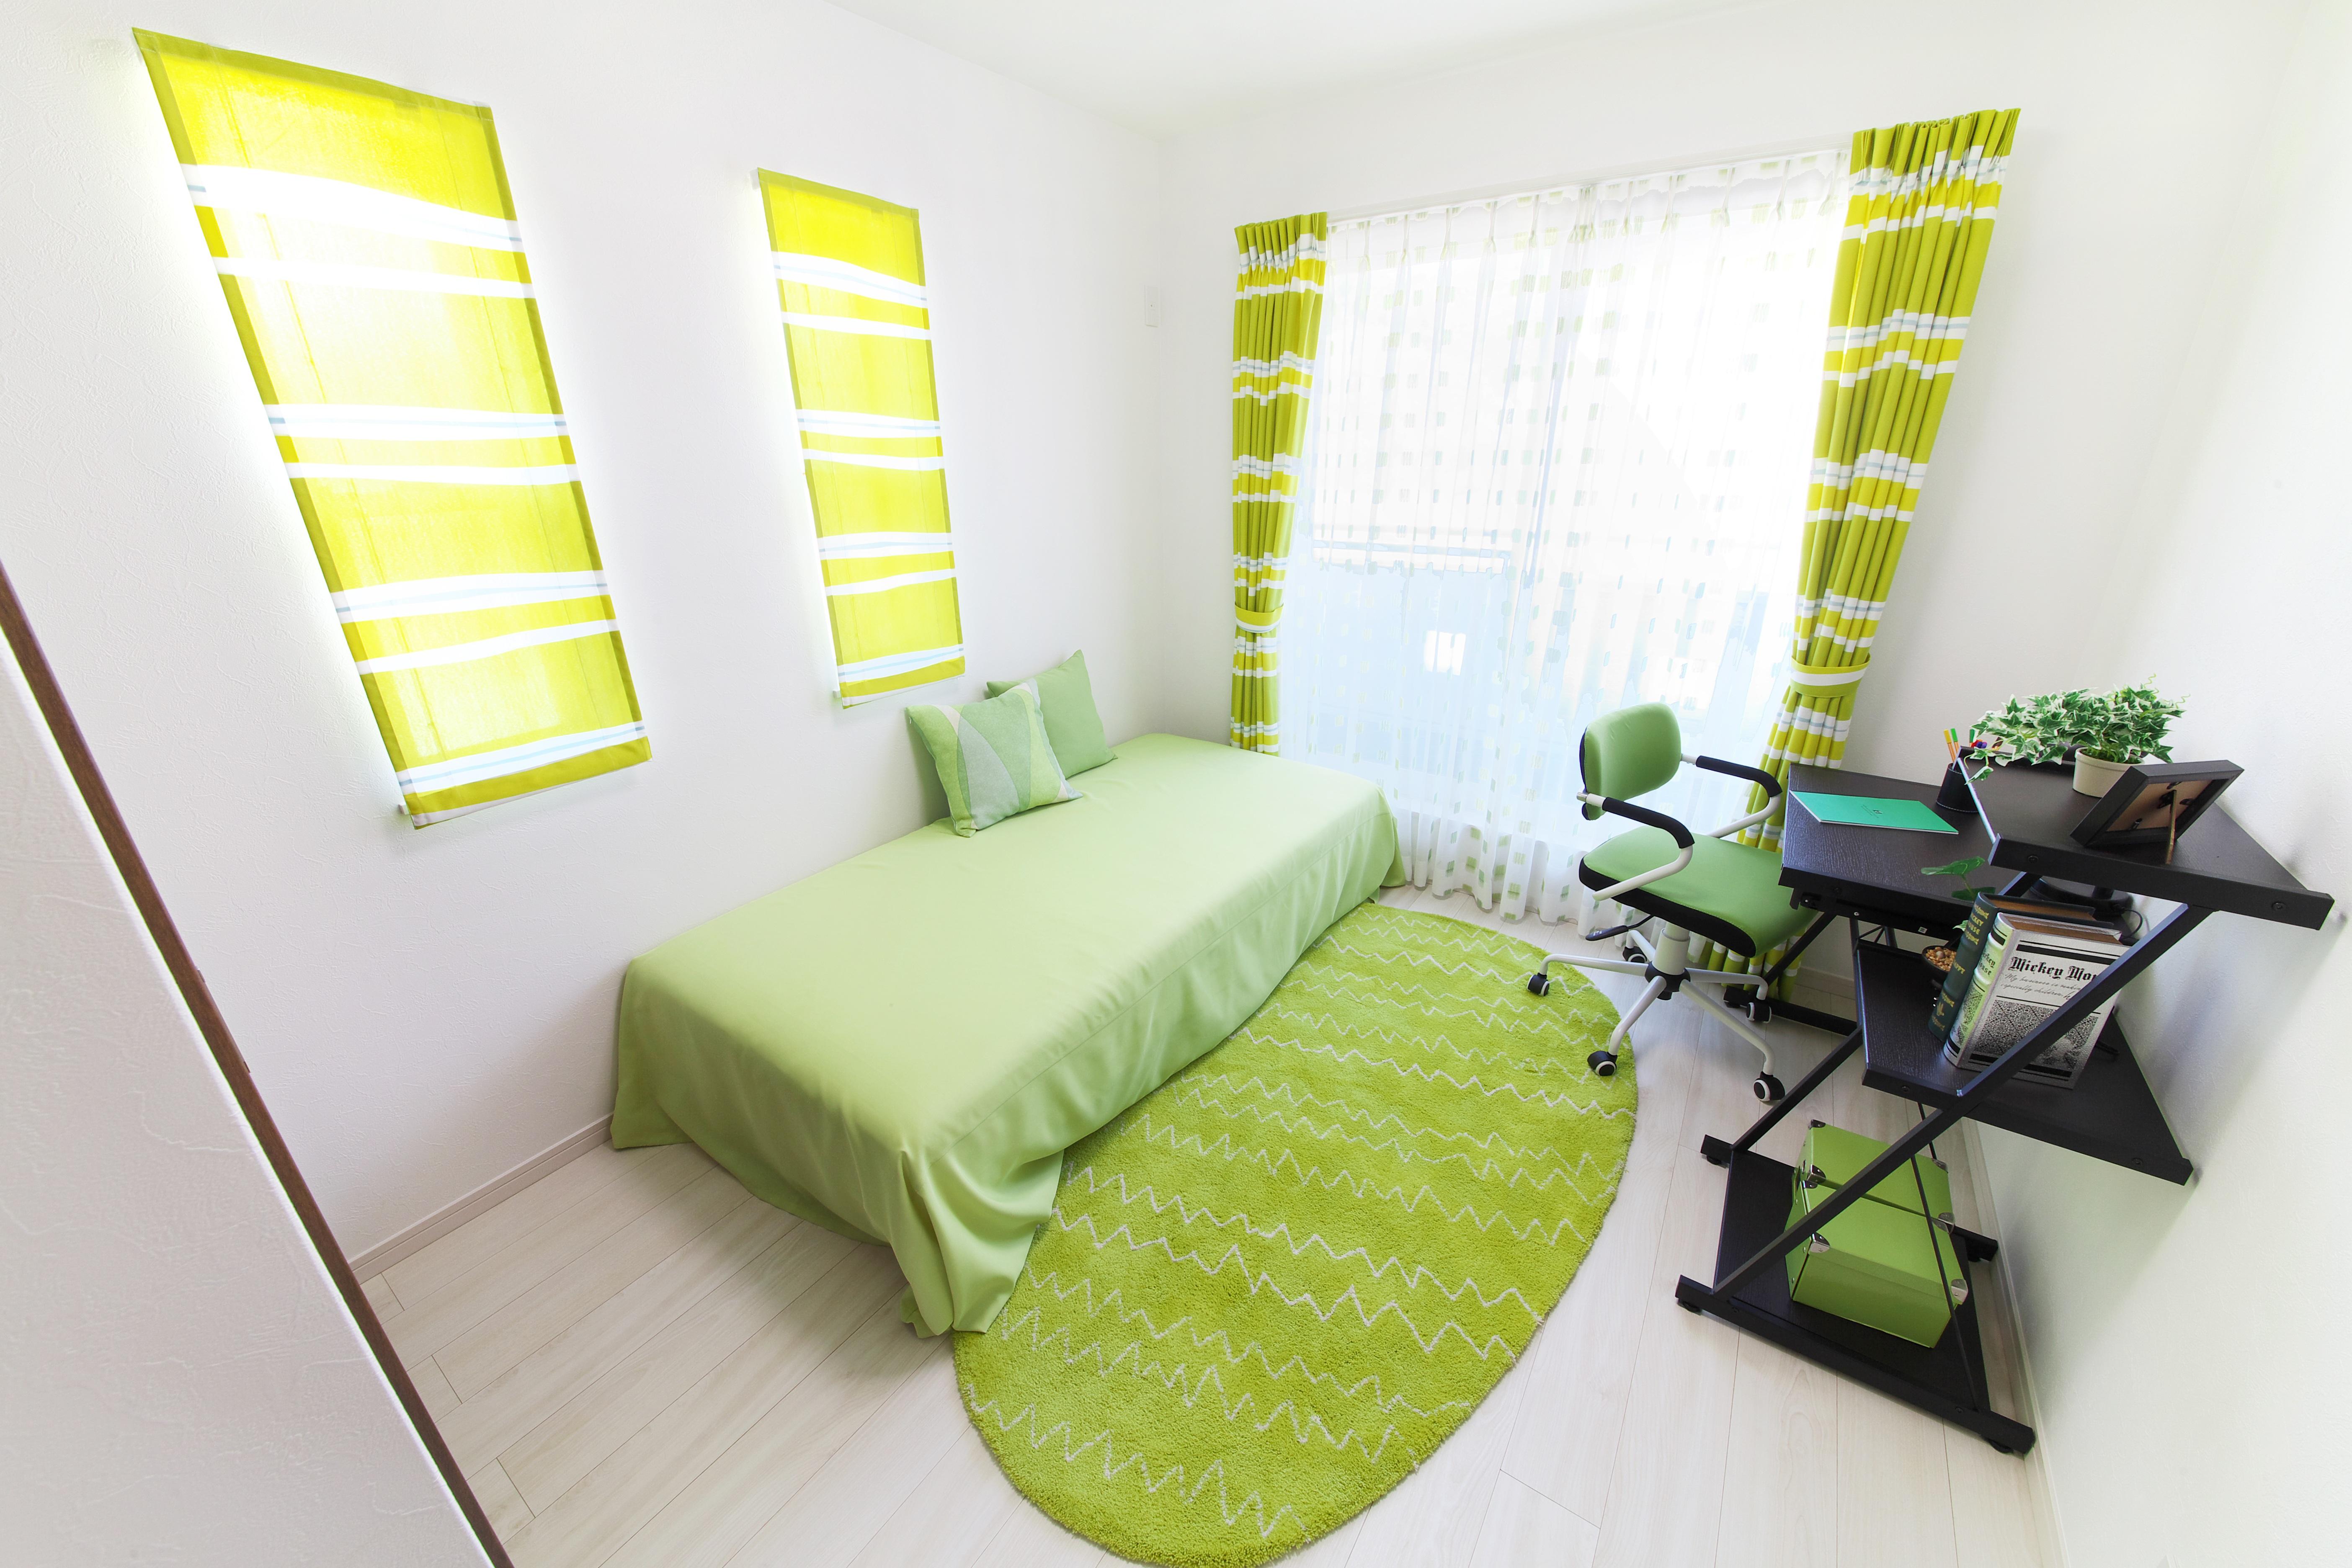 Images Gratuites : sol, maison, vert, propriété, salon, meubles ...